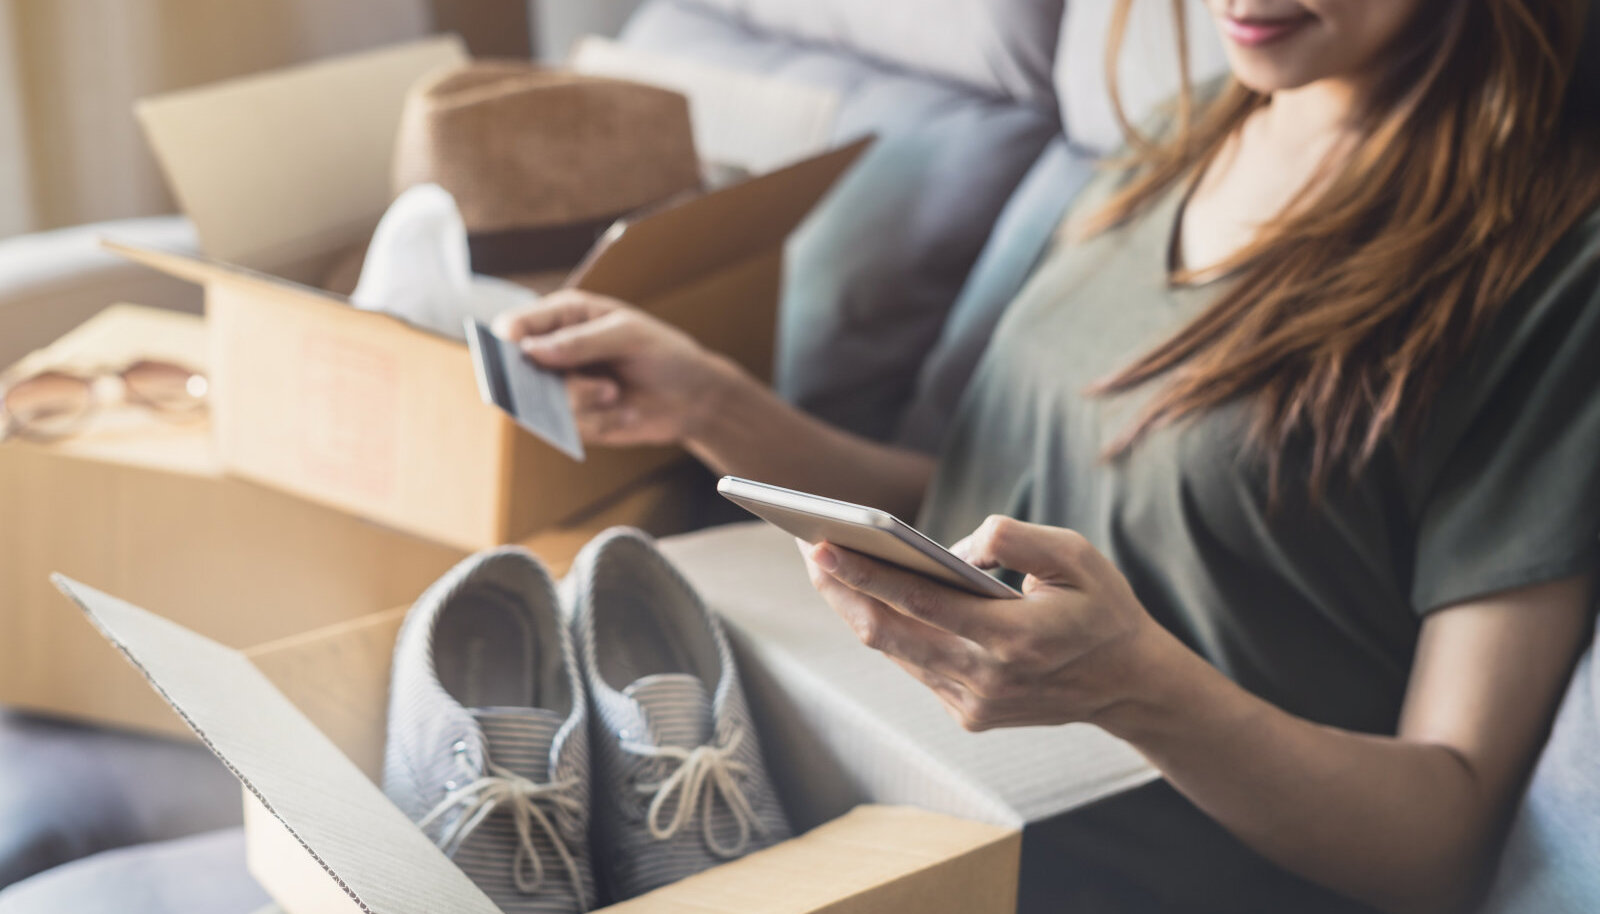 Kuidas eristada dropshippingut tavapärasest e-poest